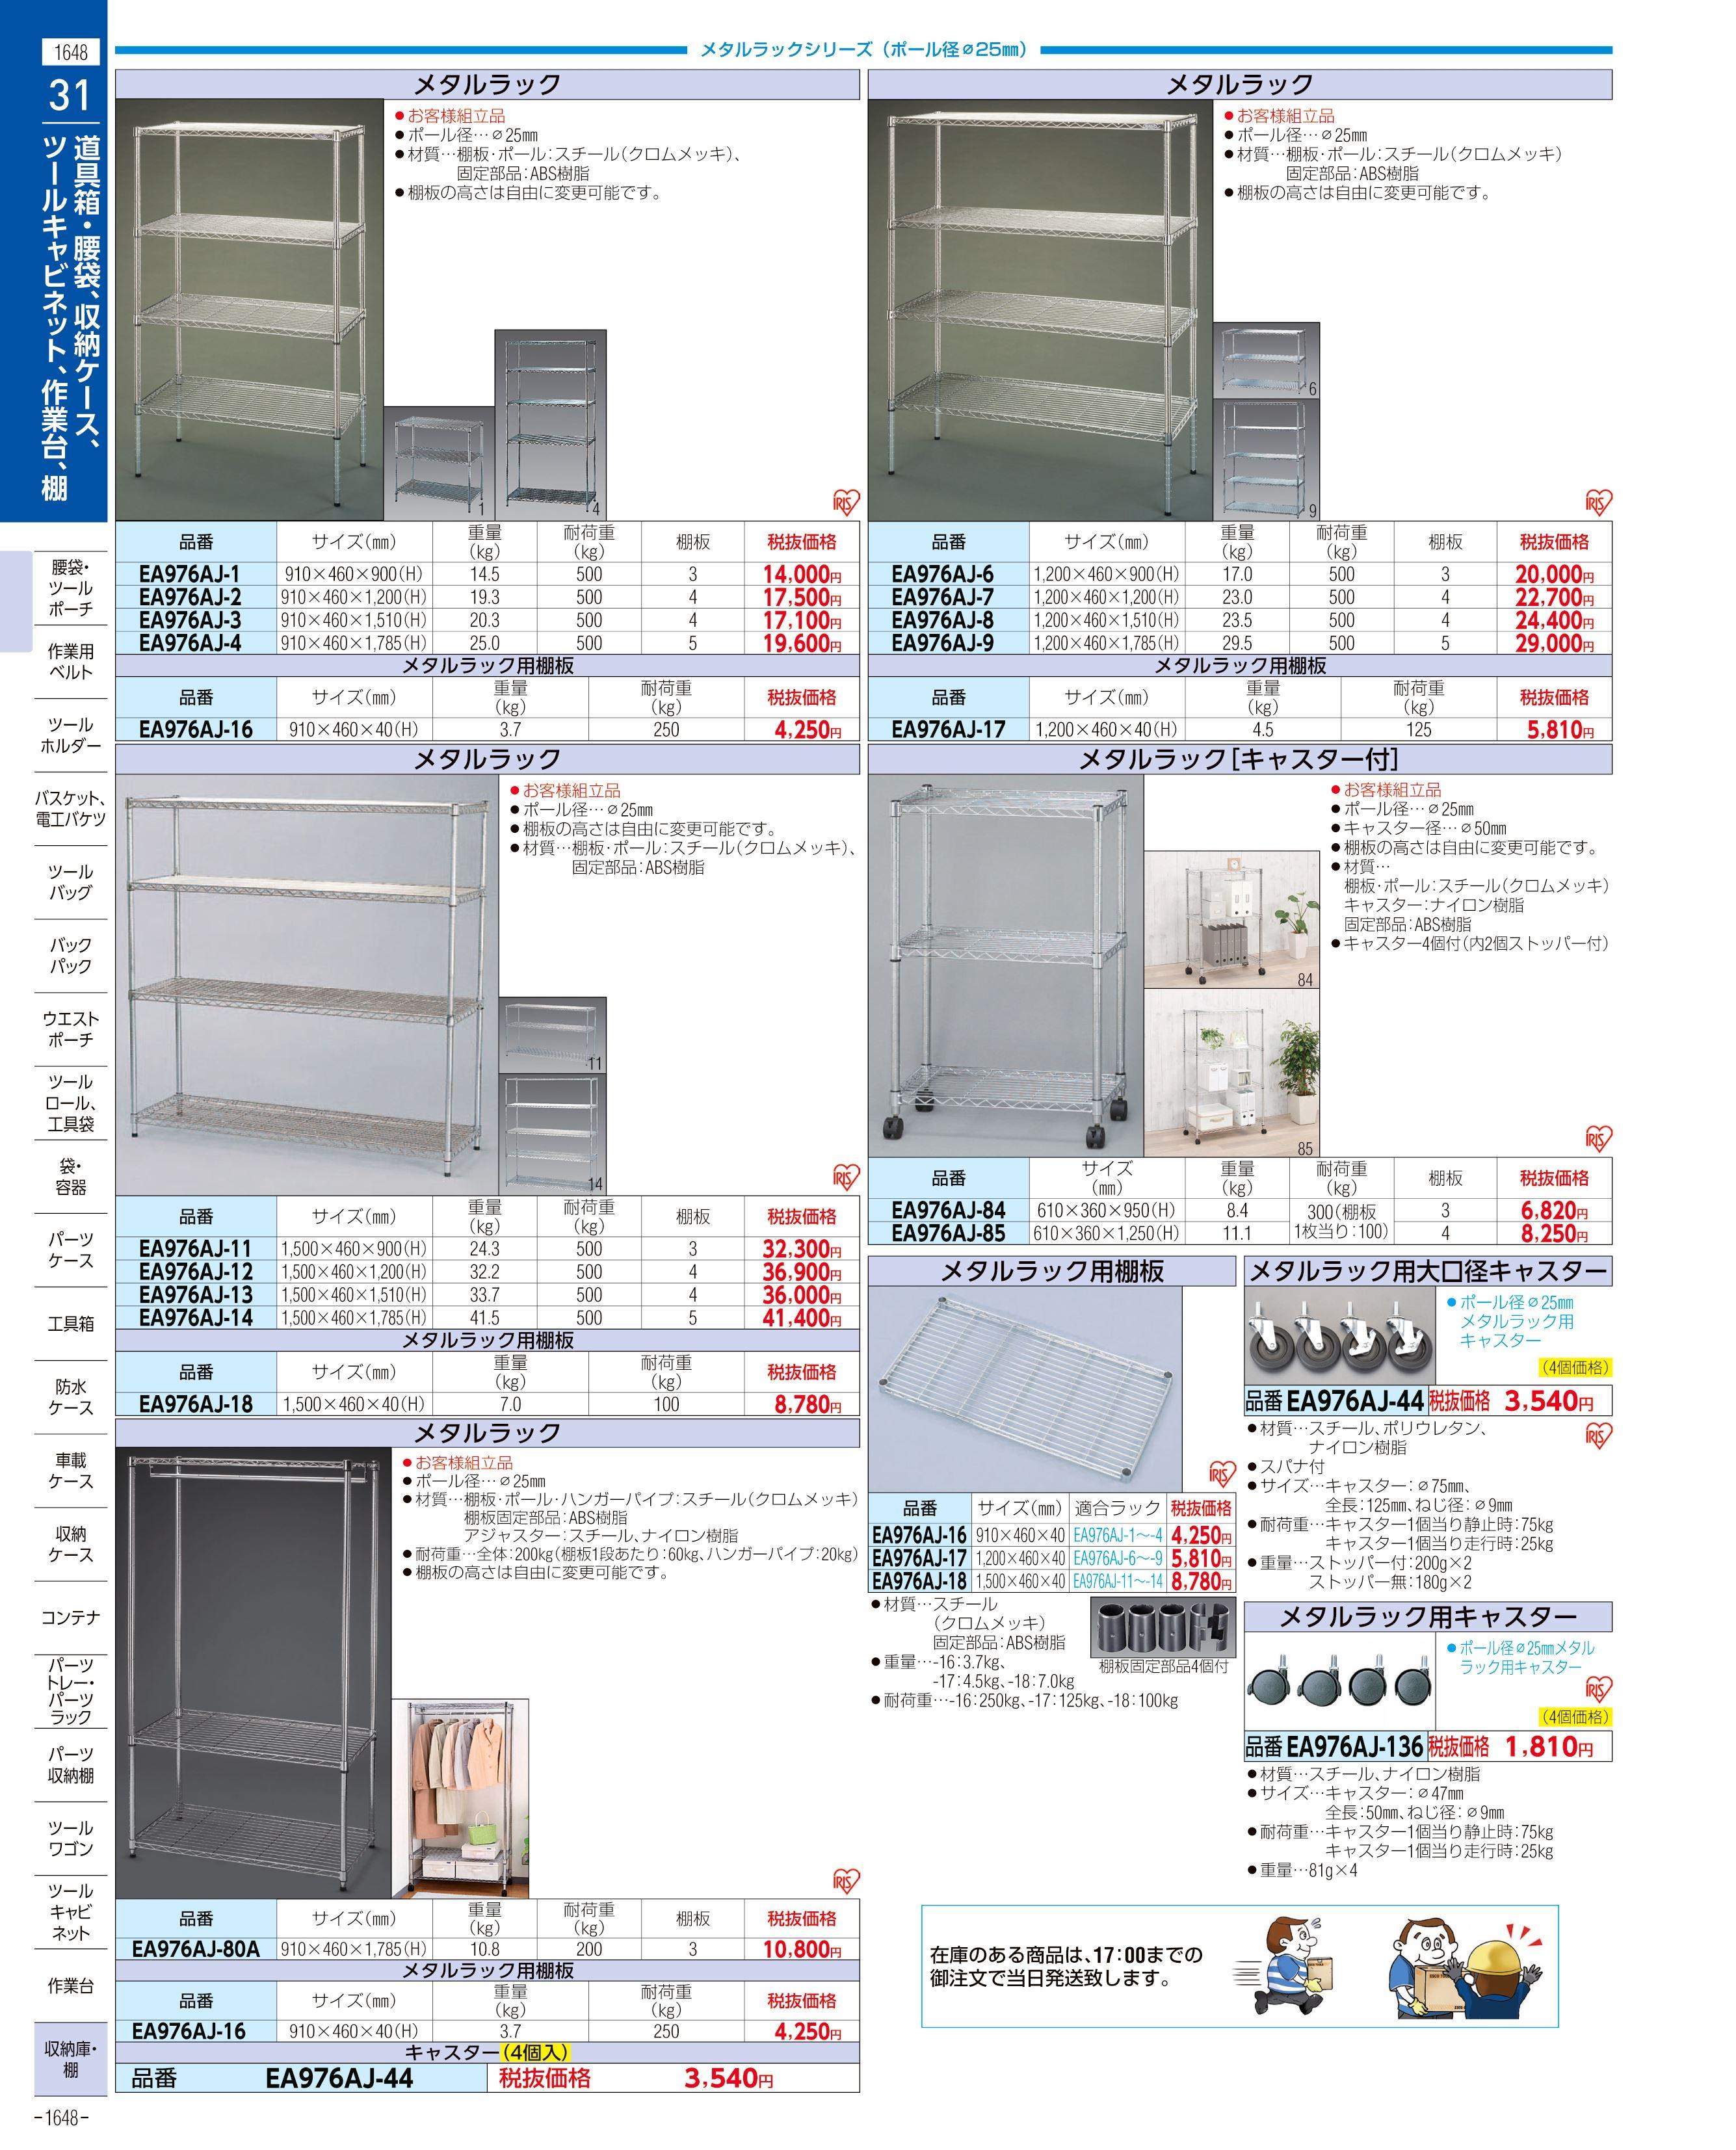 エスコ便利カタログ1648ページ